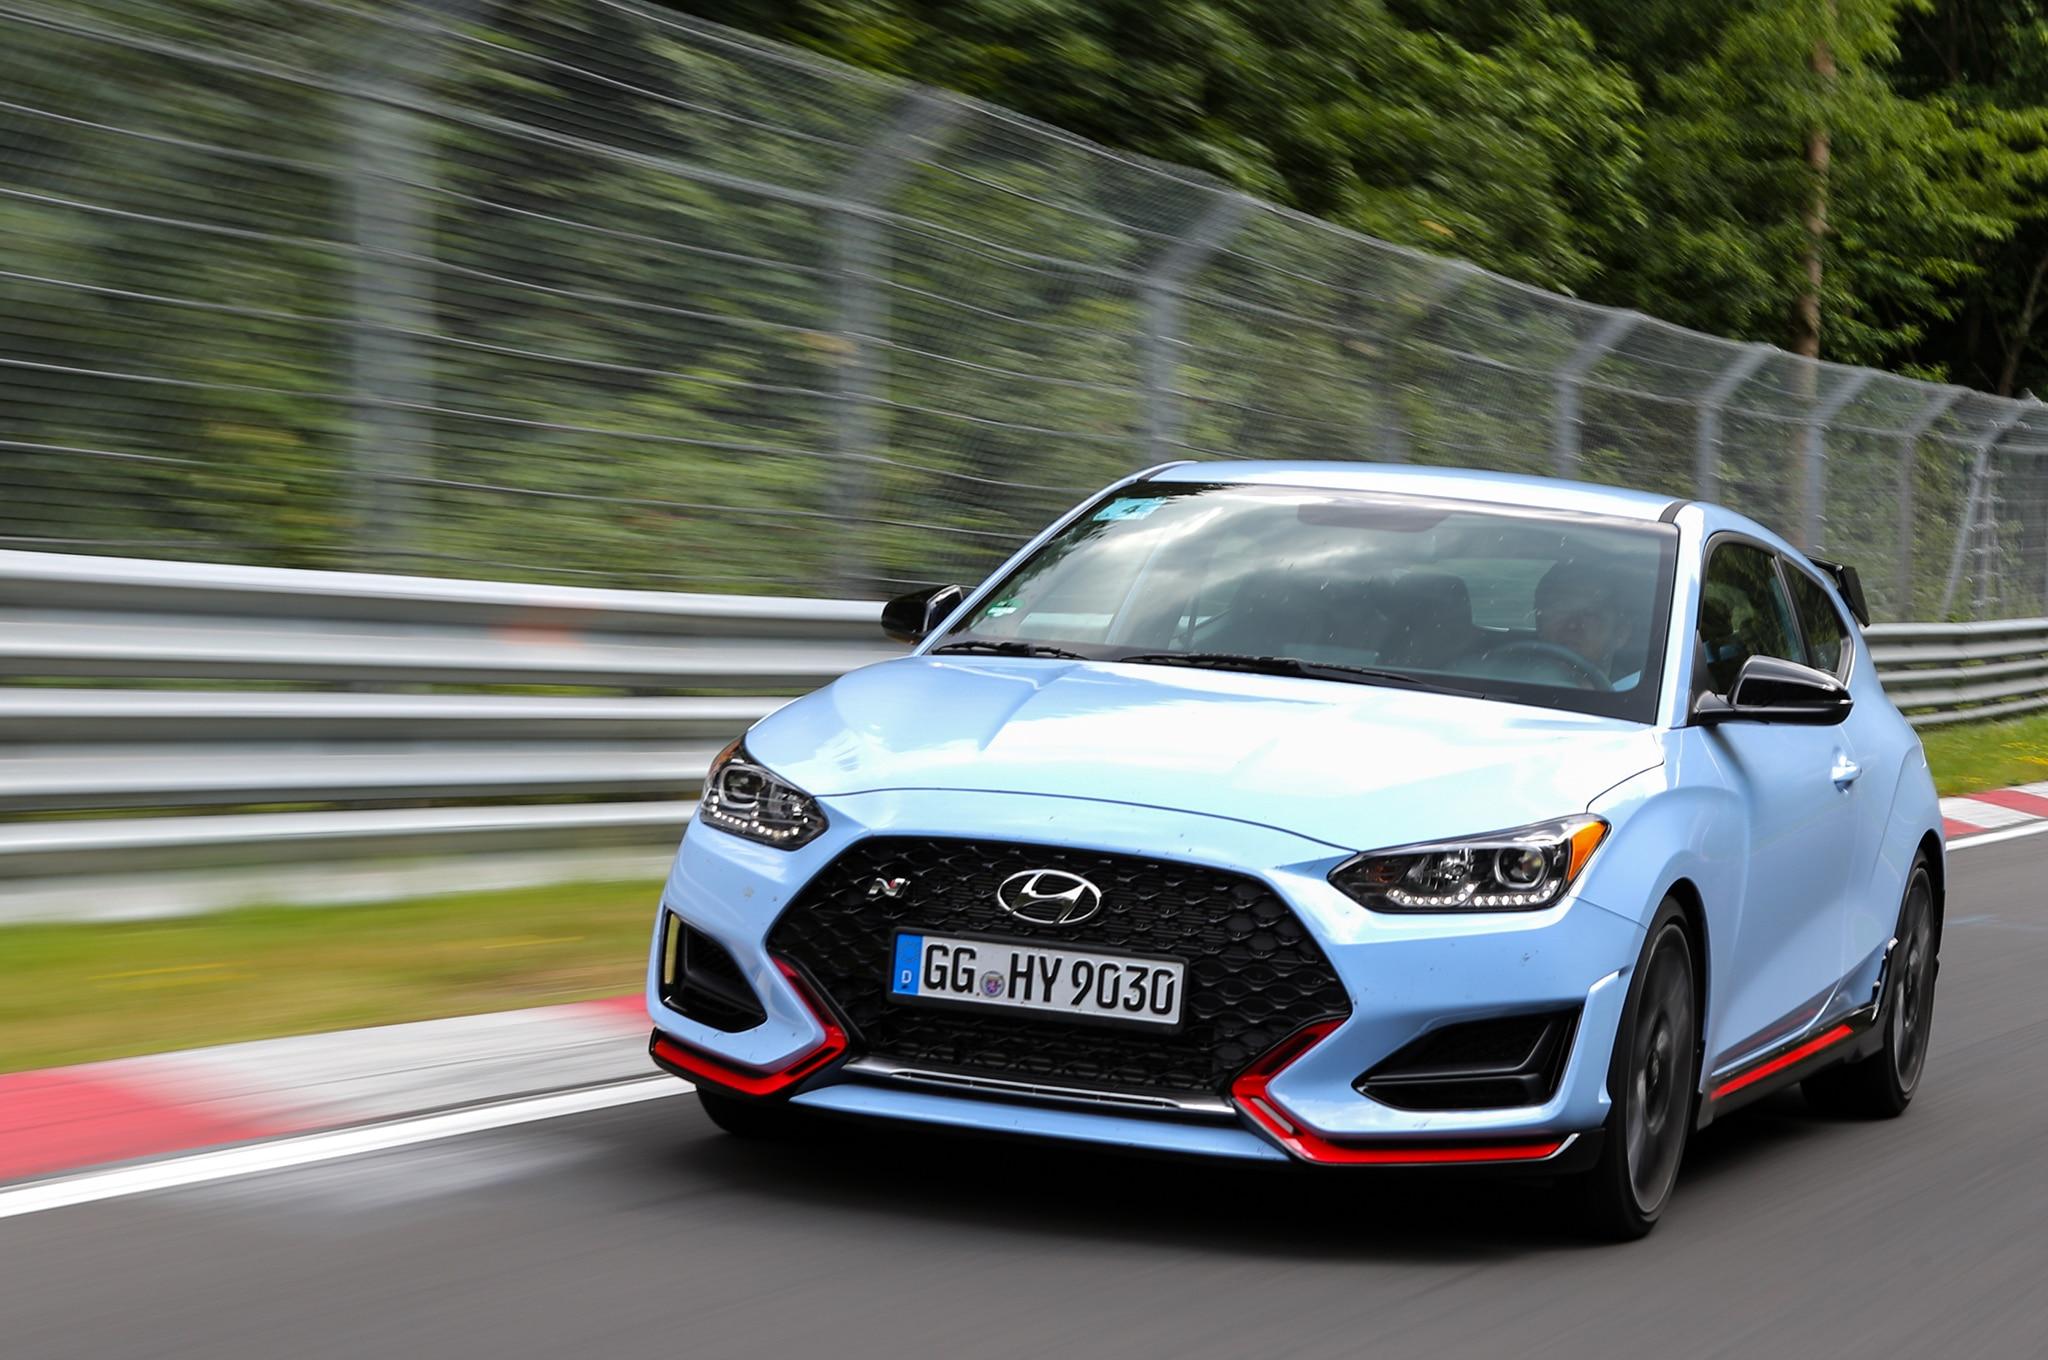 2019 Hyundai Veloster N Nurburgring Circuit Driving 26